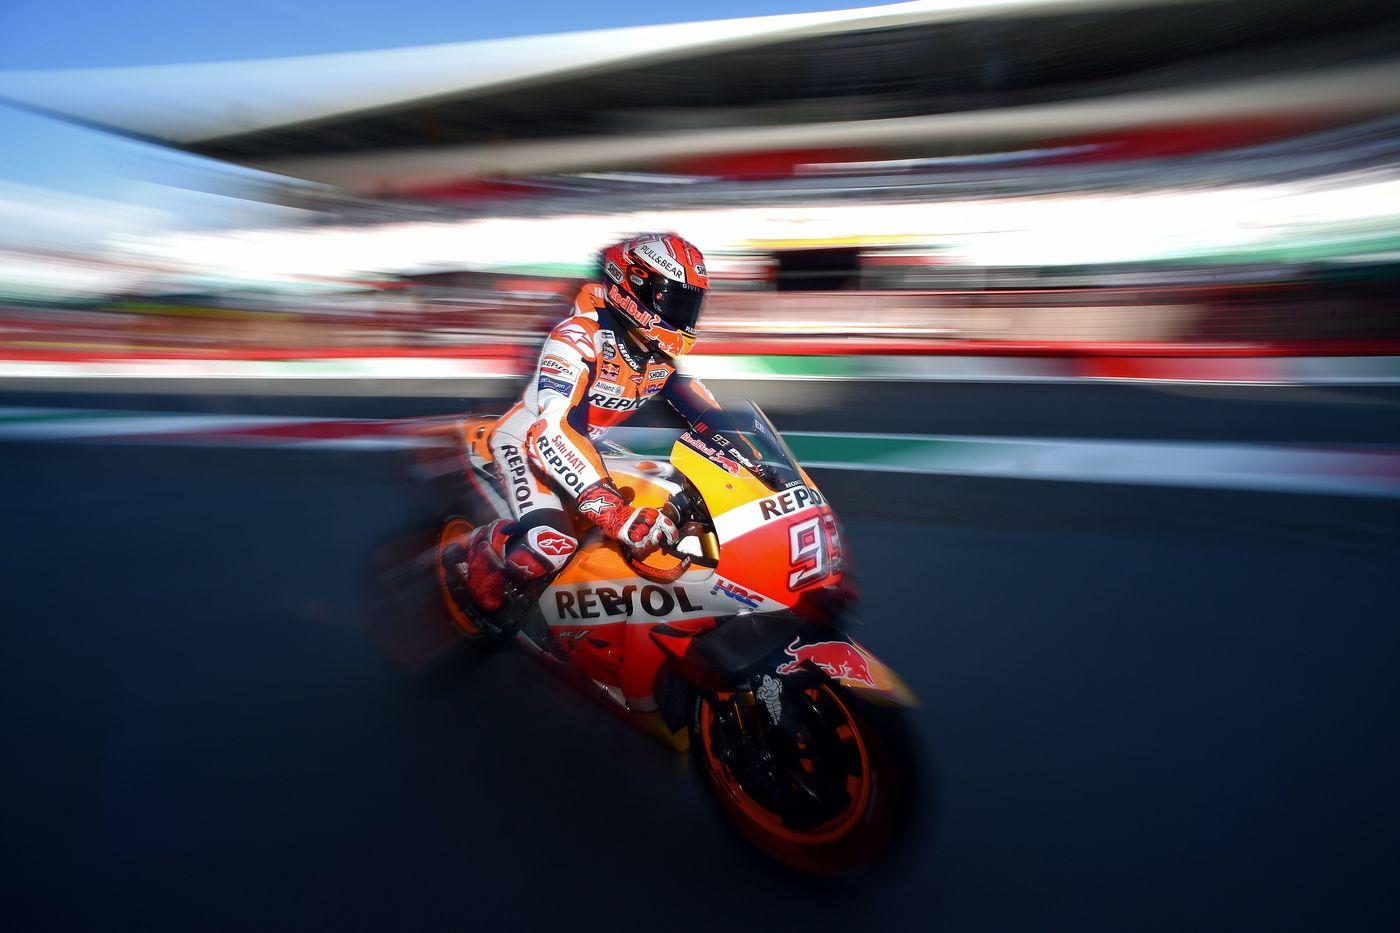 MotoGp: al Mugello Marquez vola nelle terze libere, Iannone secondo